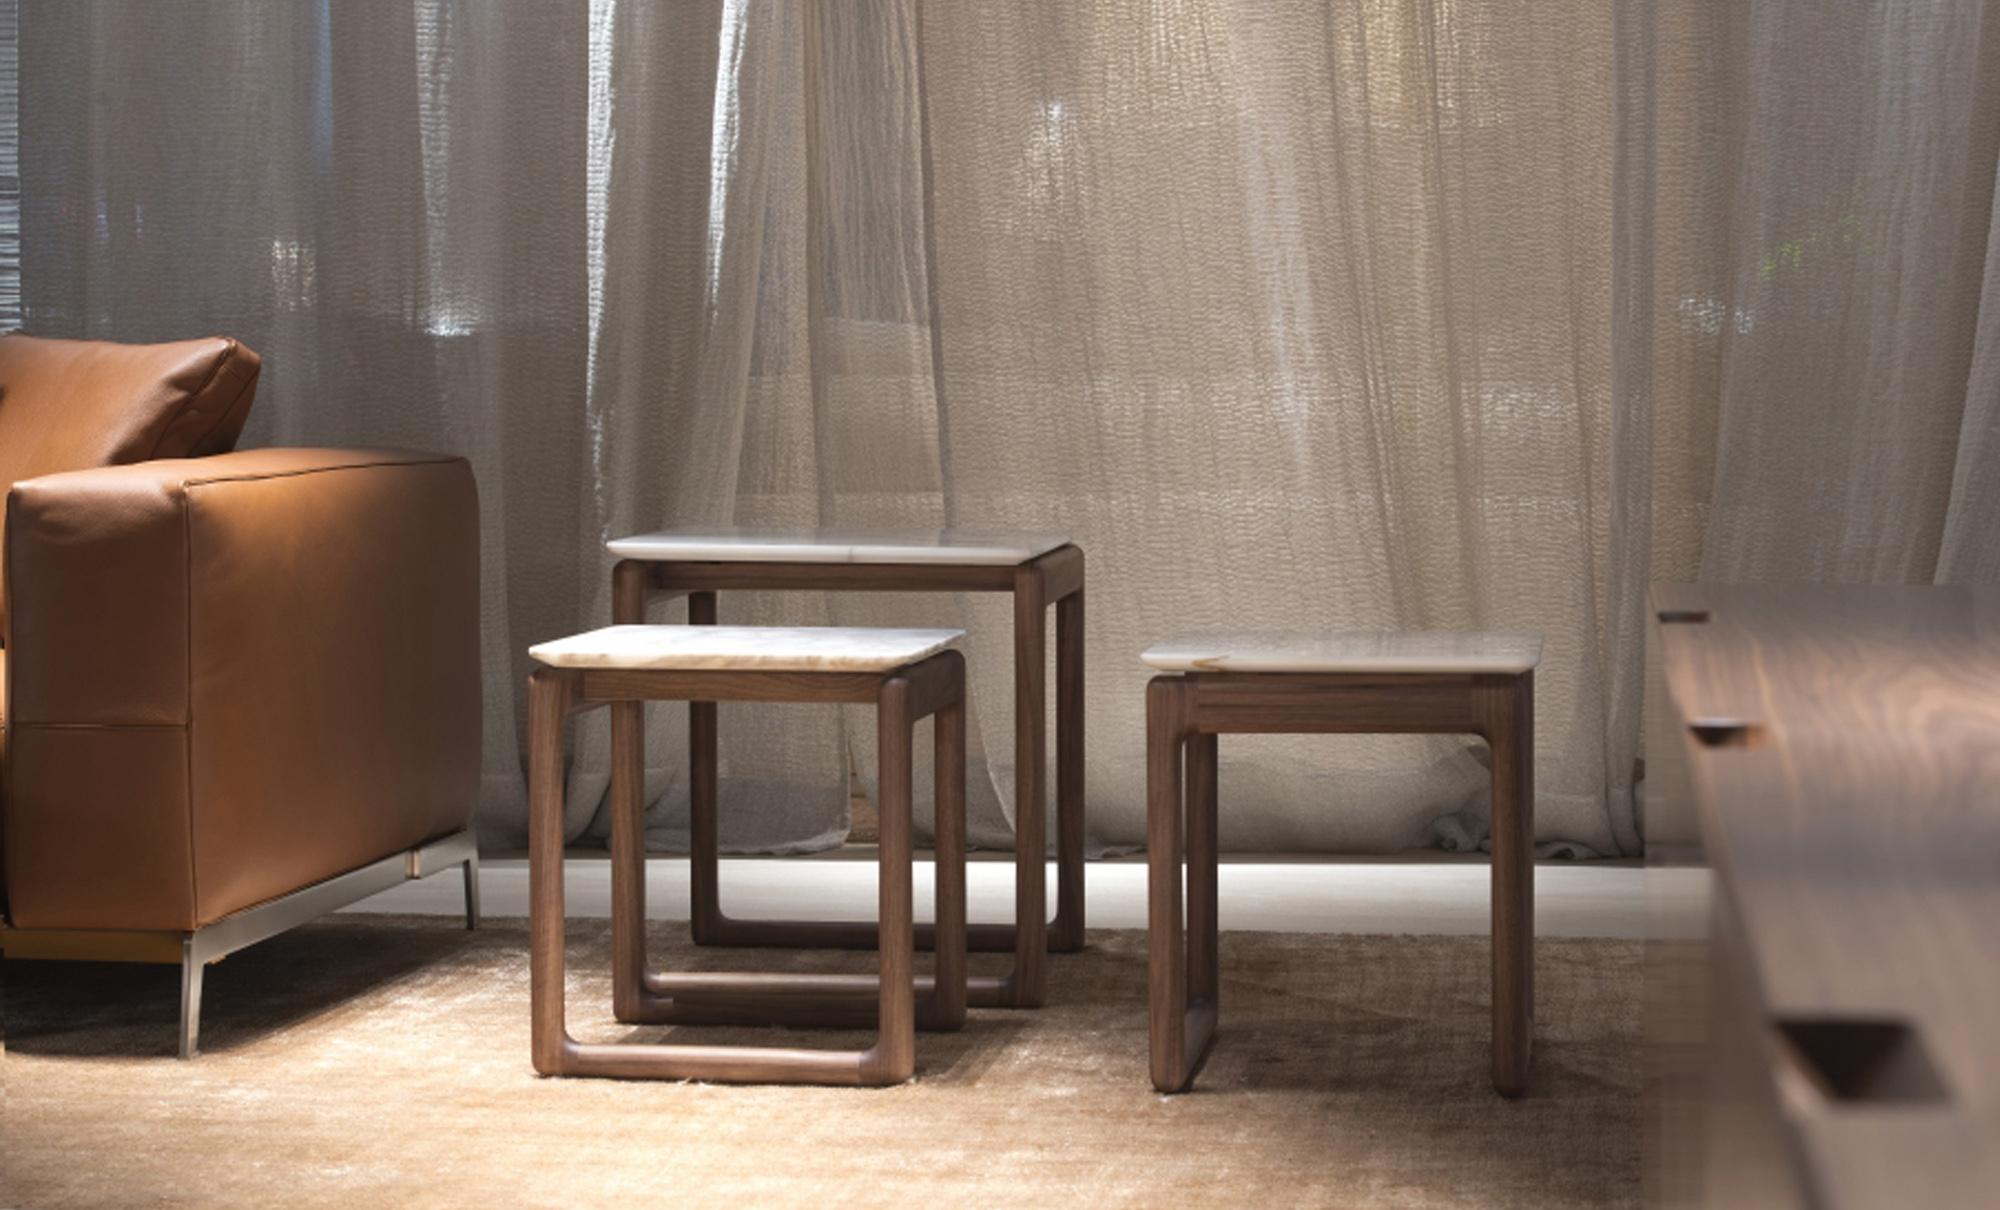 Brig Coffee Table By Flexform Fanuli Furniture